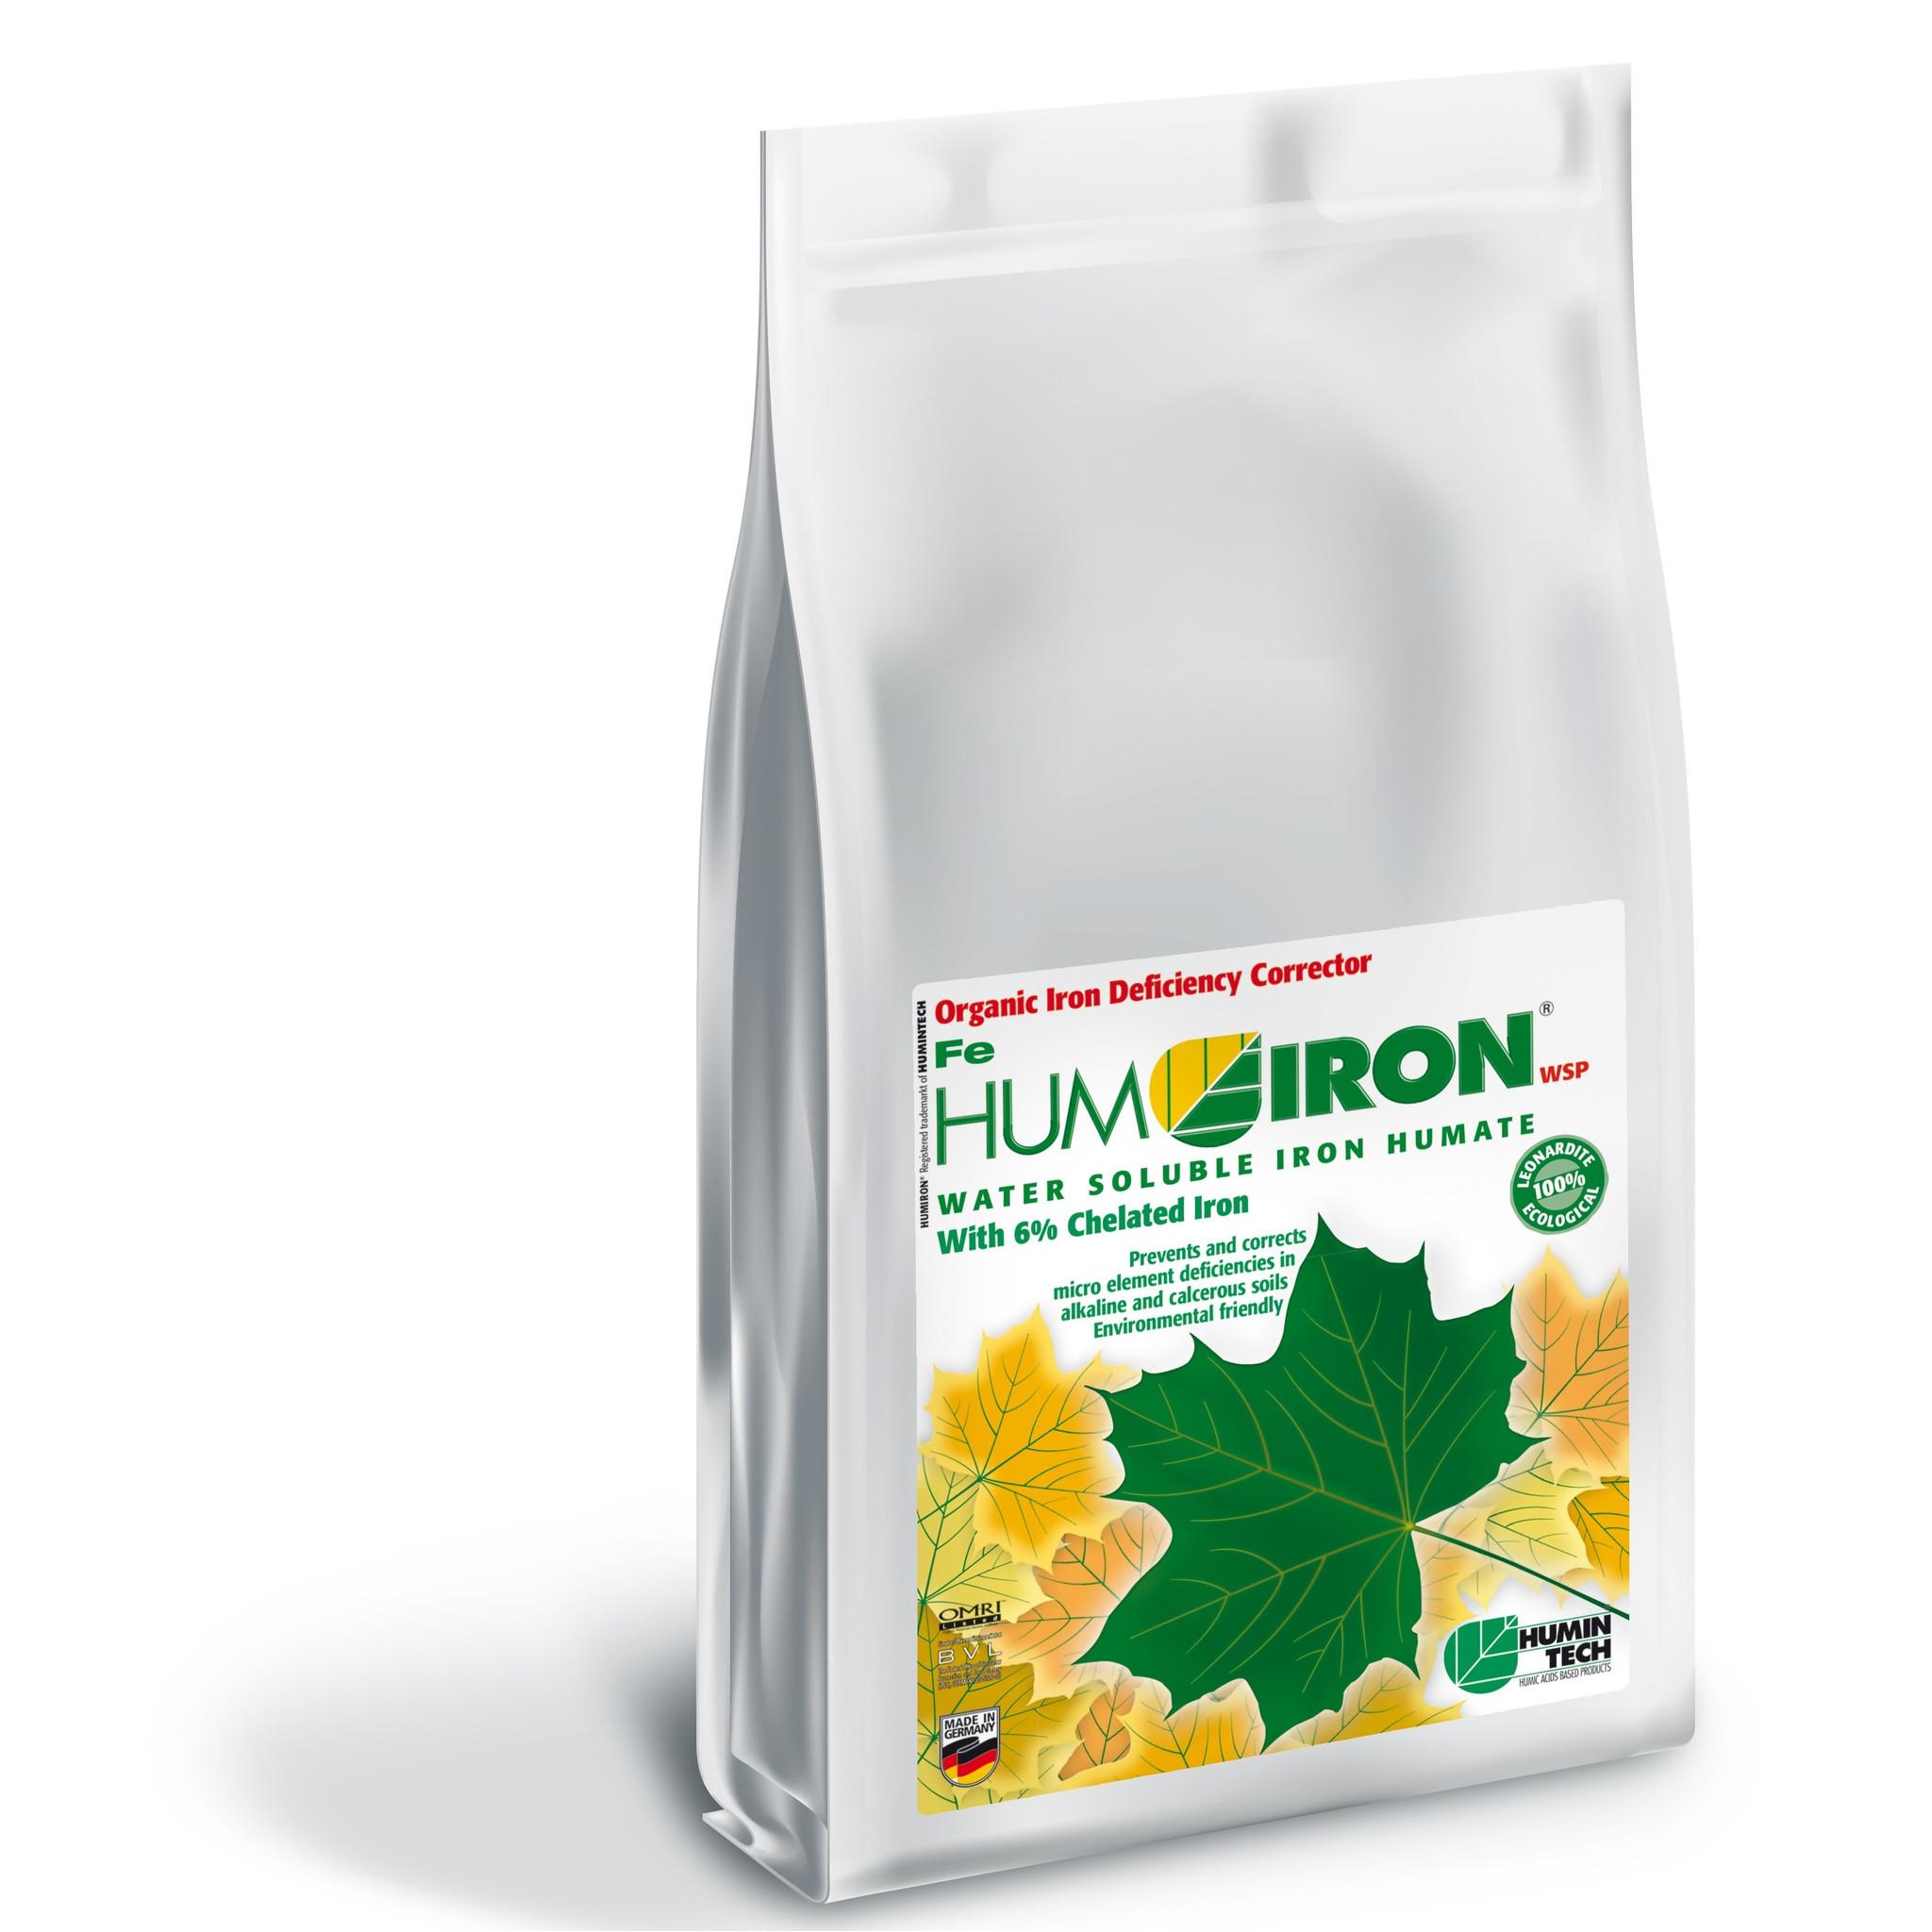 德国修美泰克 植物营养产品 洛泰克